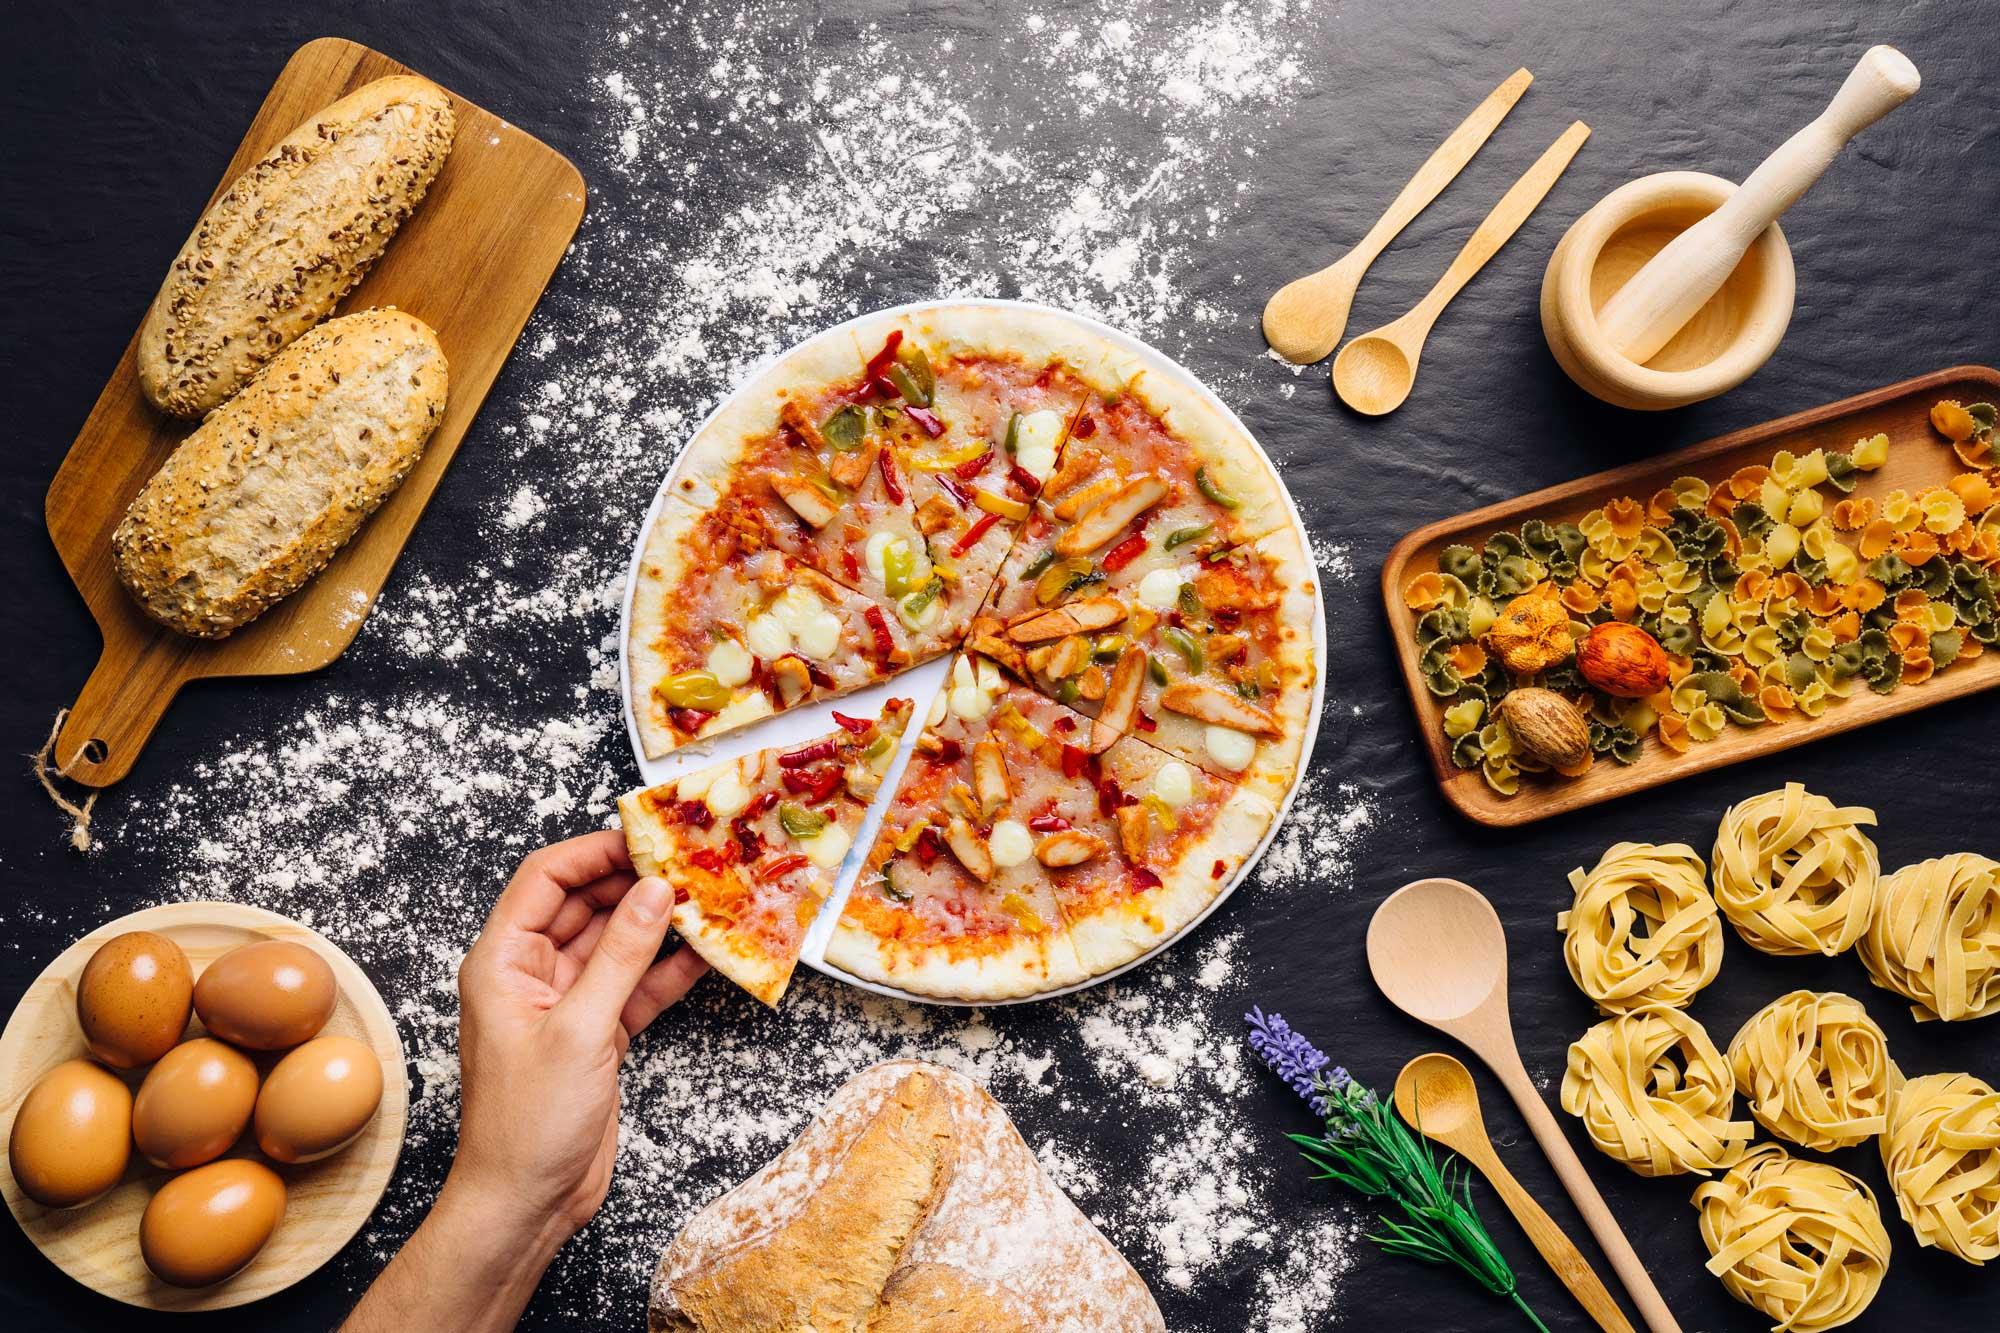 Markenworkshop Gastronomie: Wo schmeckt die Pizza am besten?